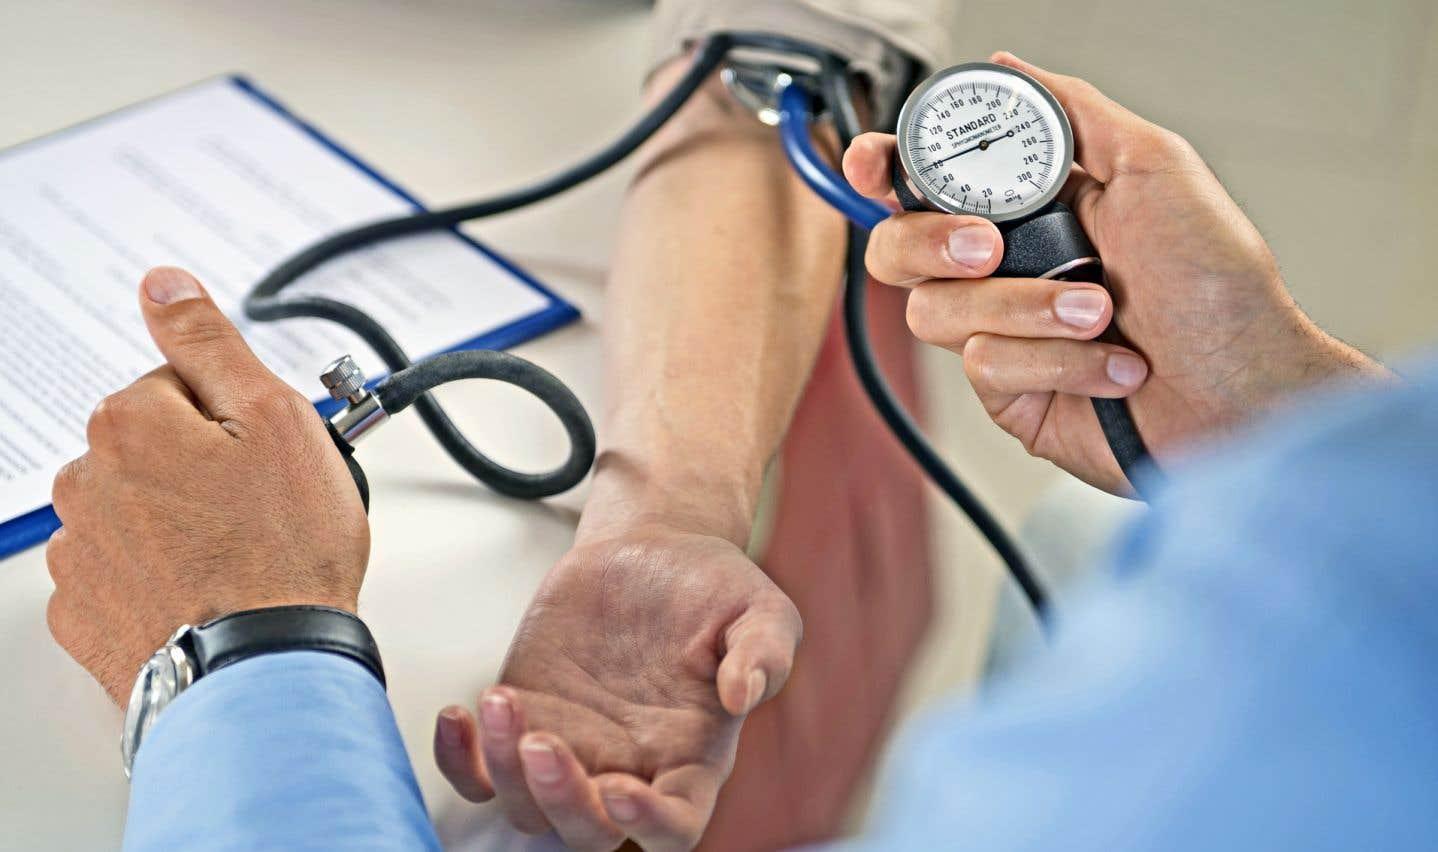 Les coopératives de santé tentent d'attirer les médecins dans leur communauté